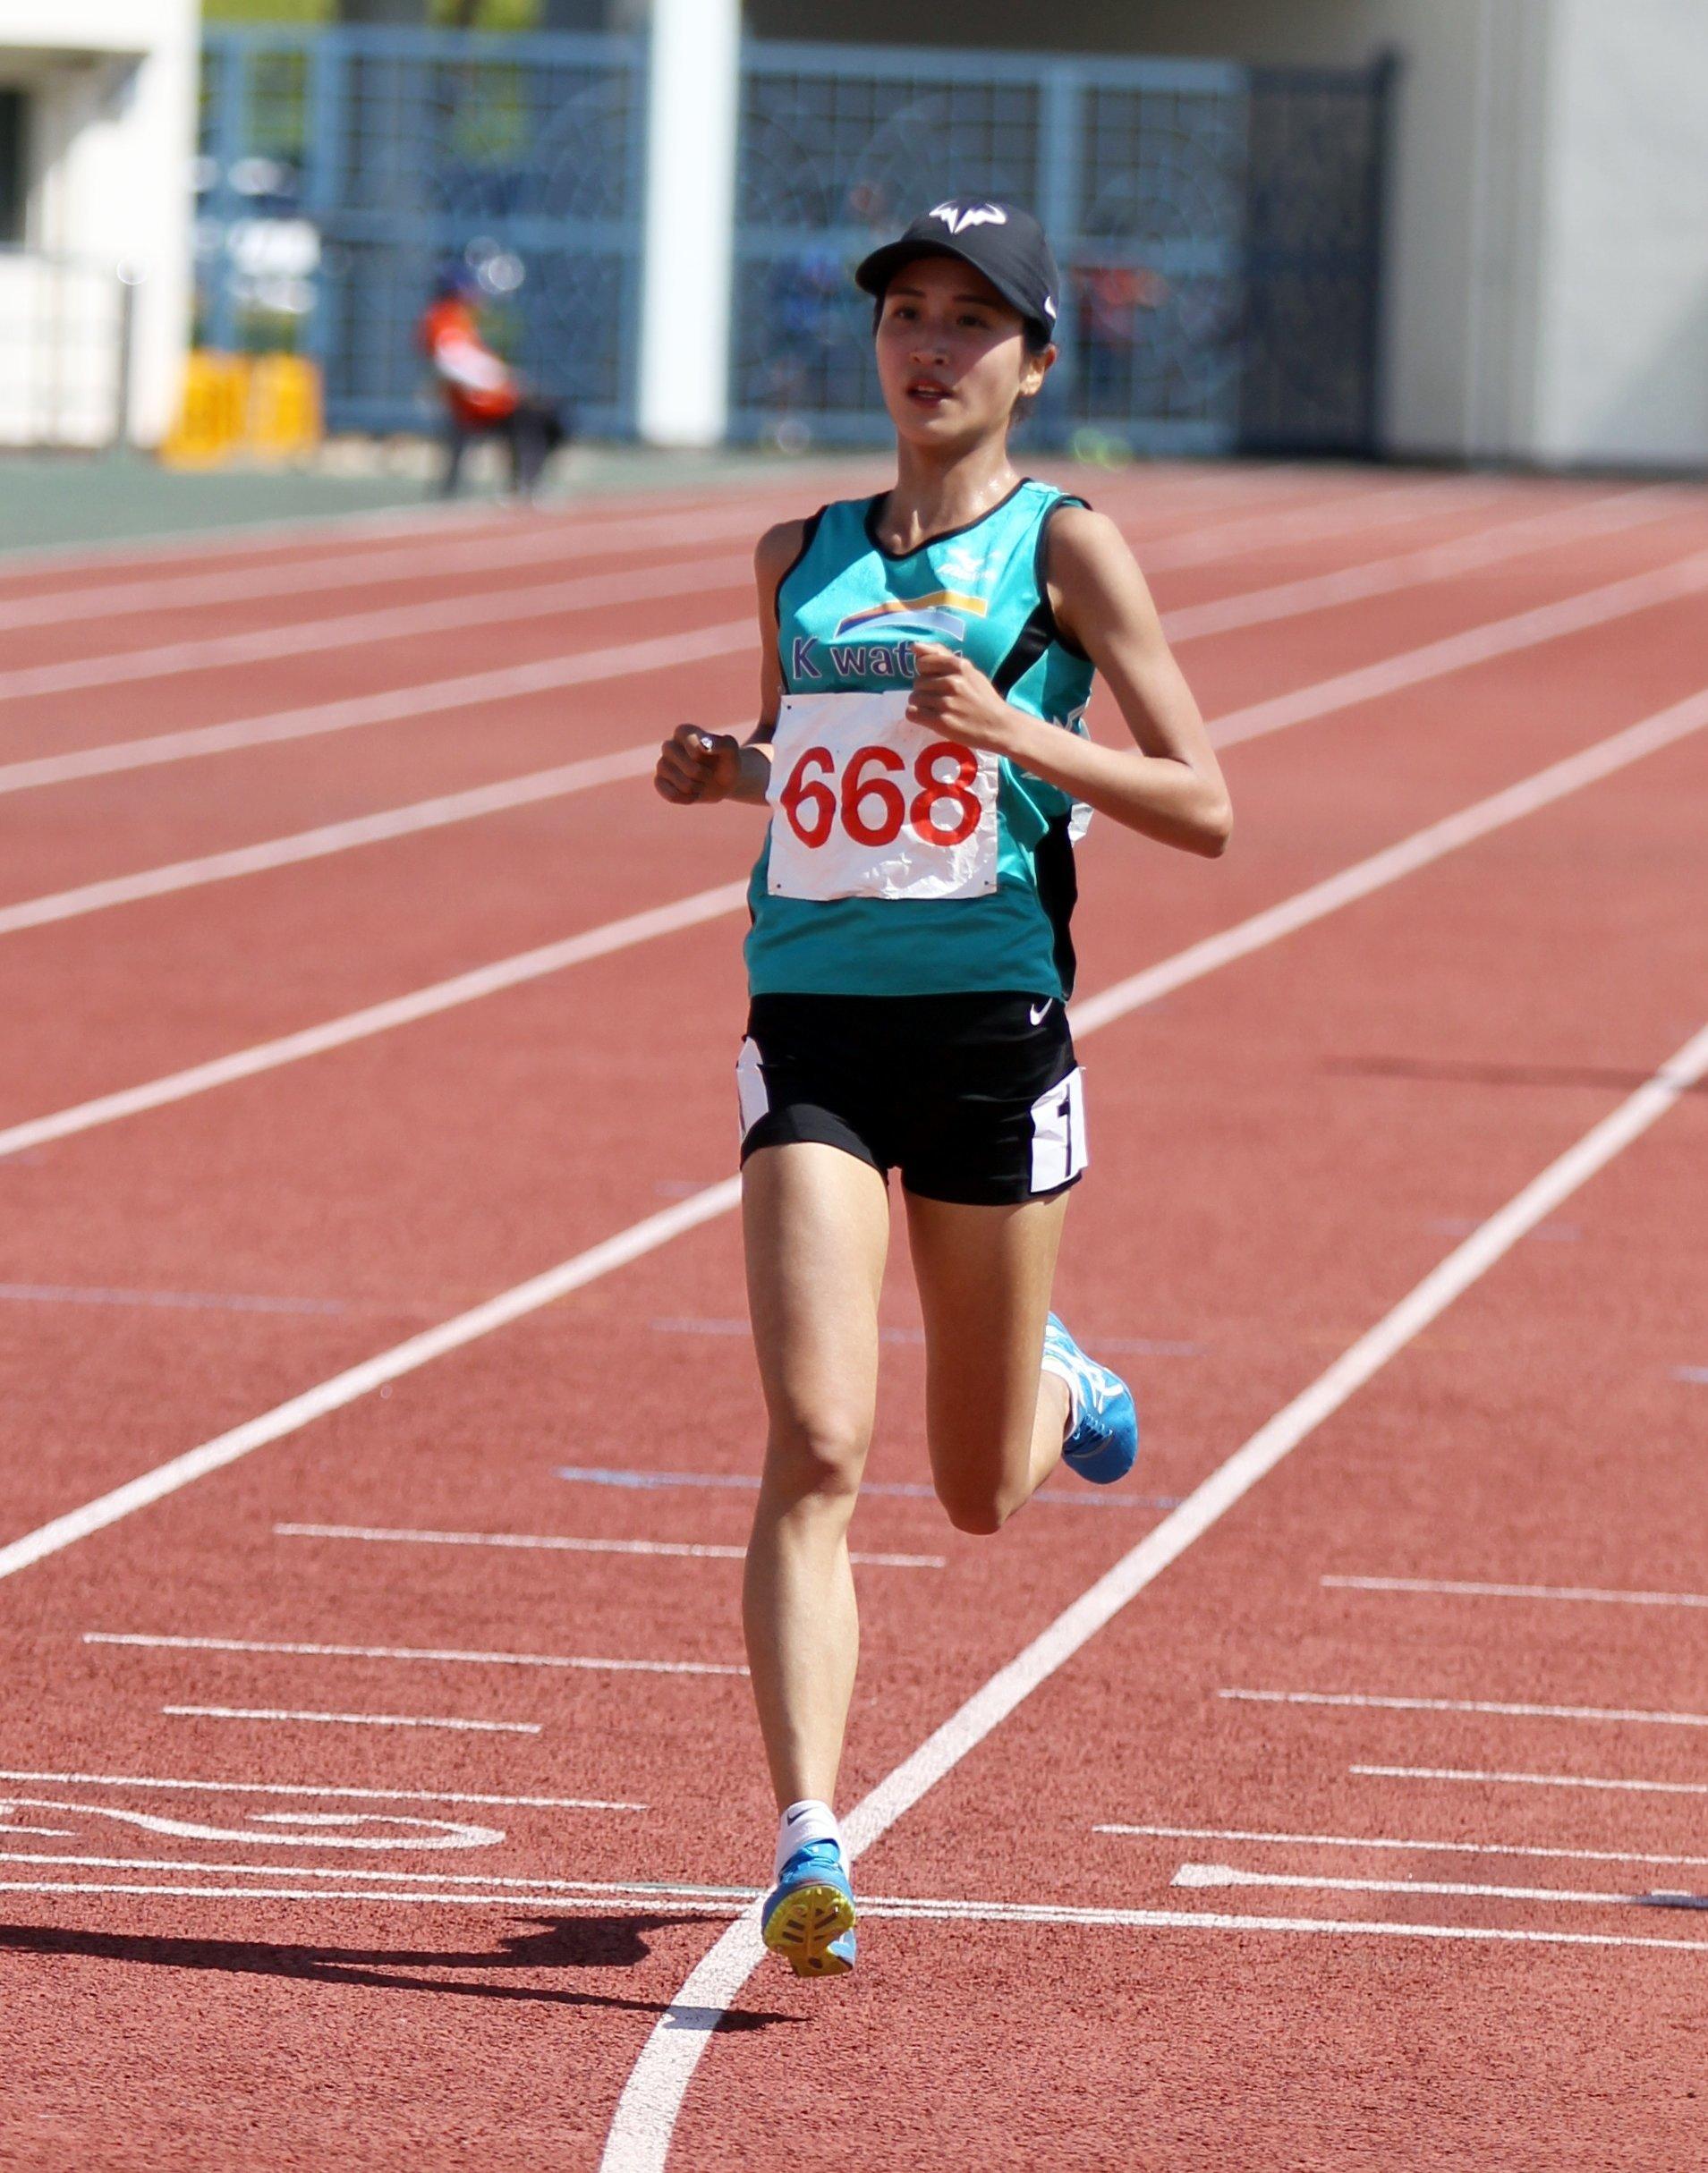 김도연이 여자마라톤 한국 신기록을